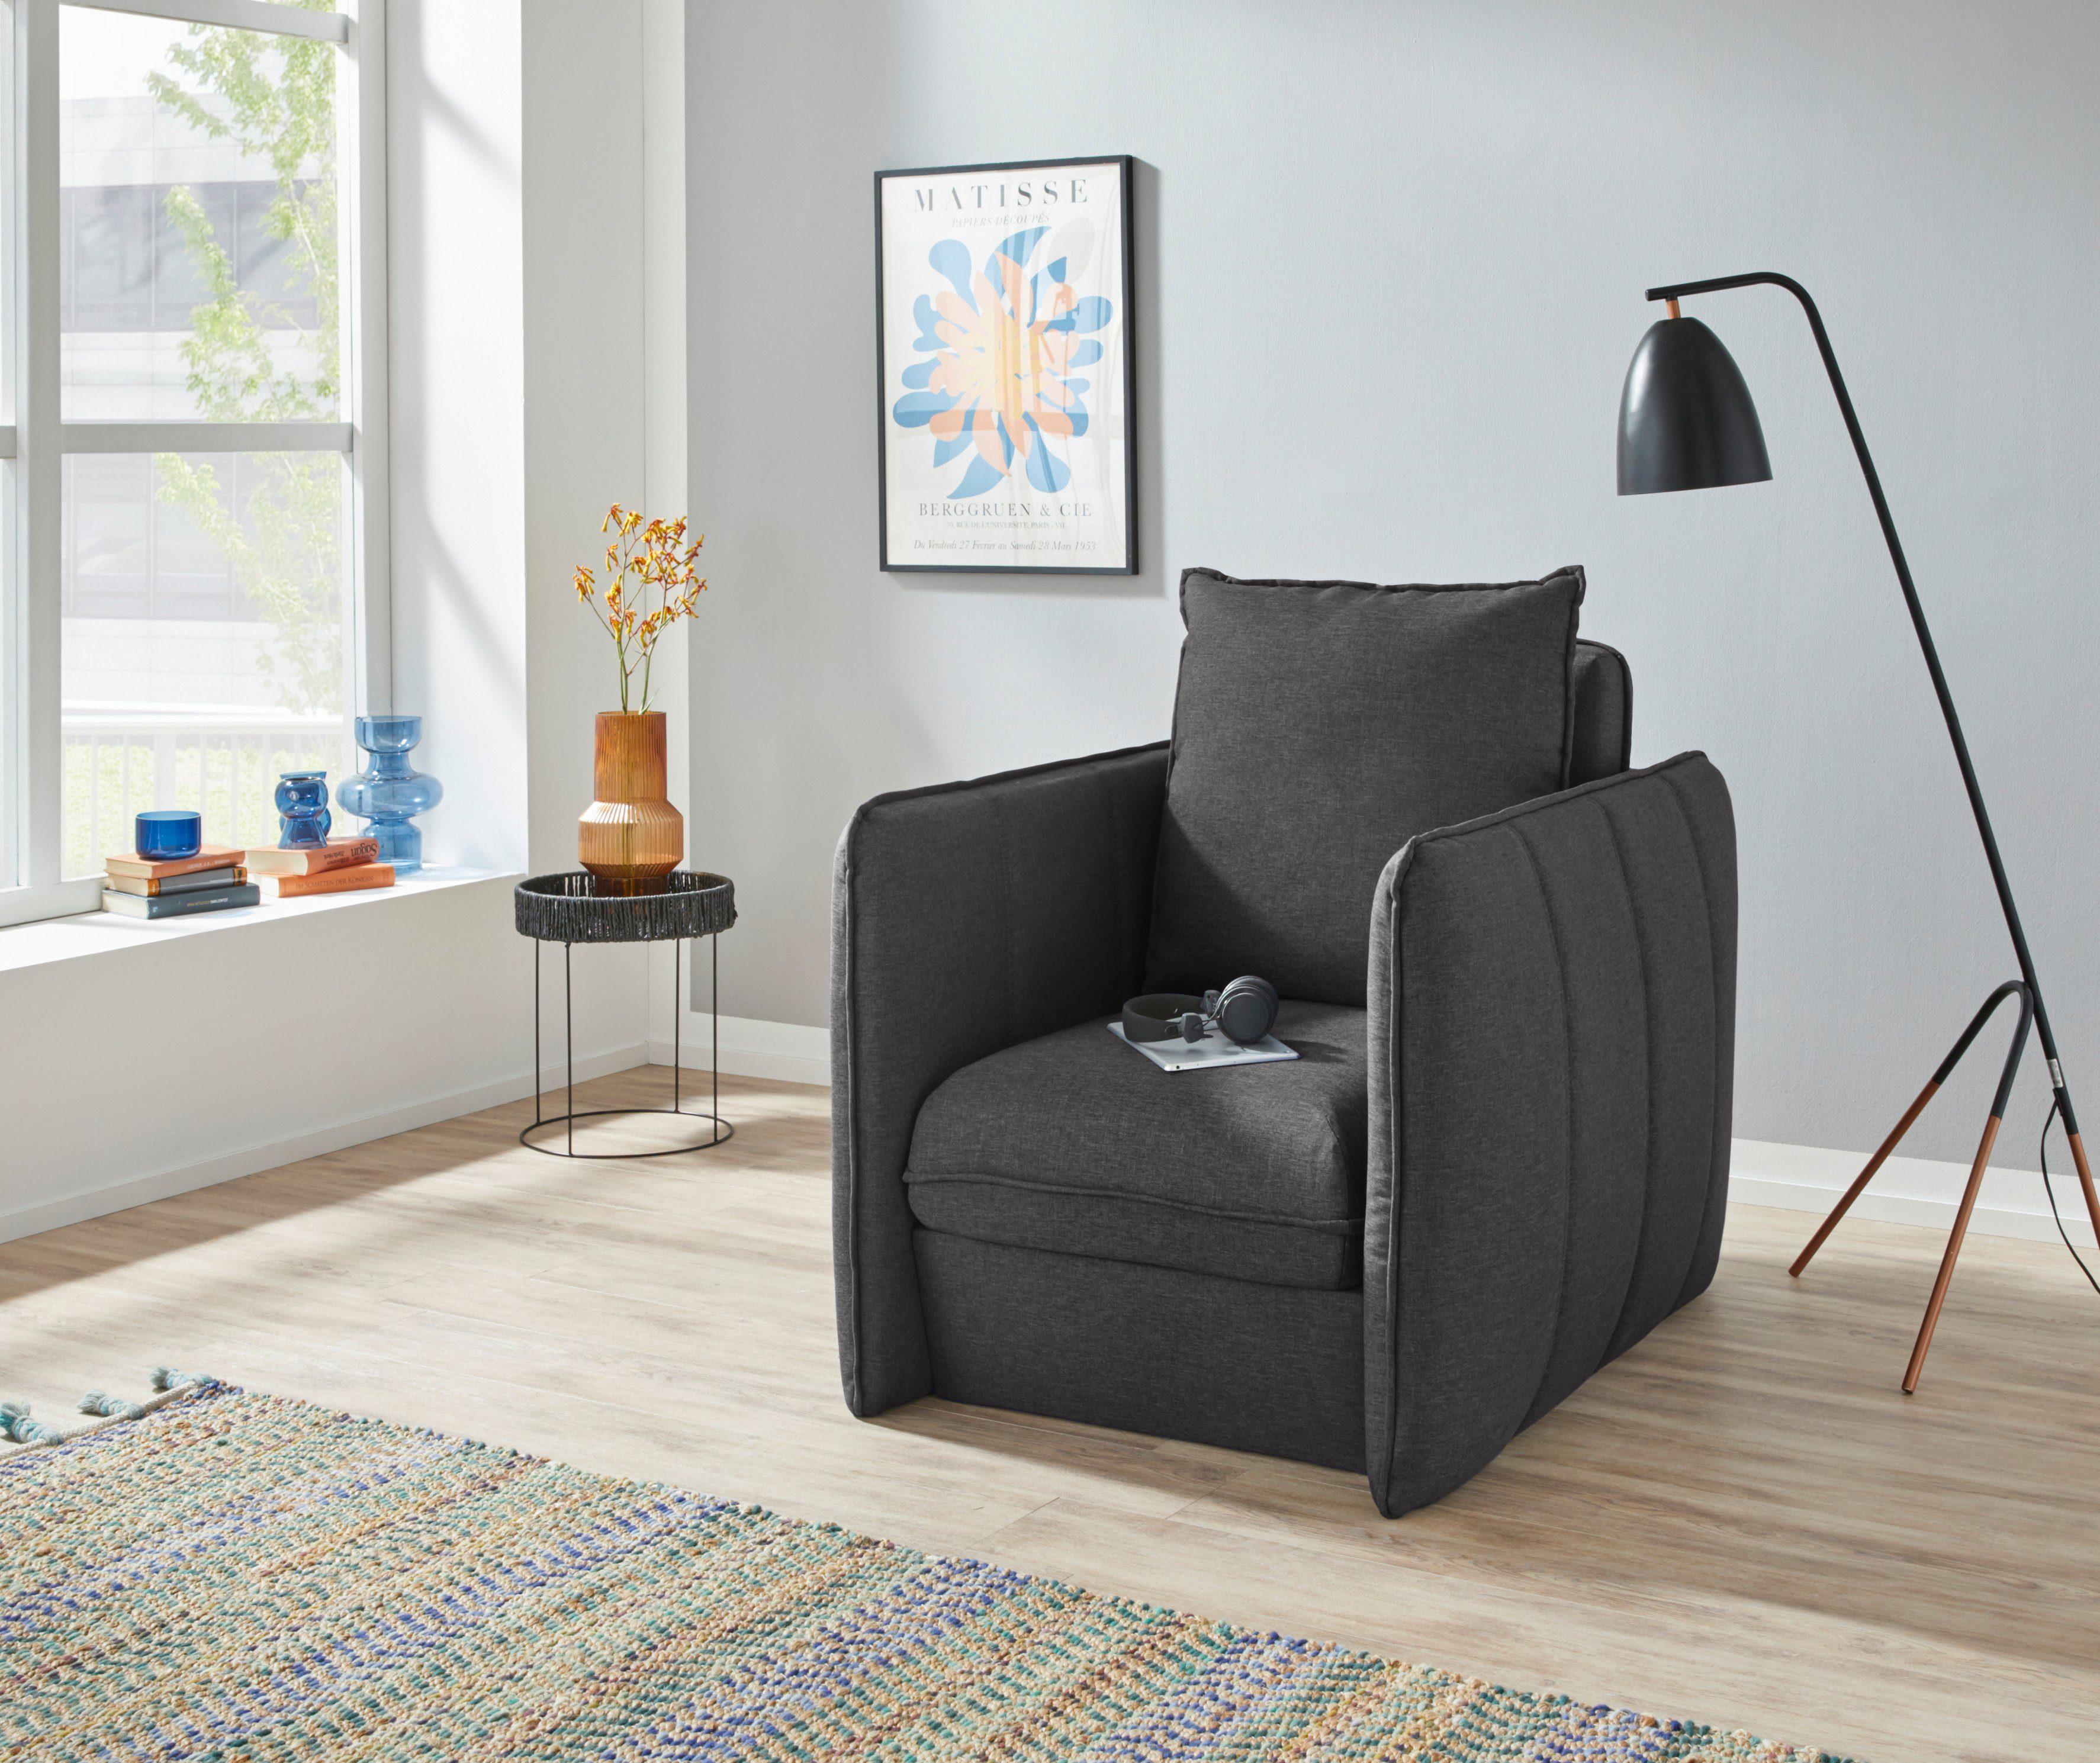 Sofos ir minkšti baldai